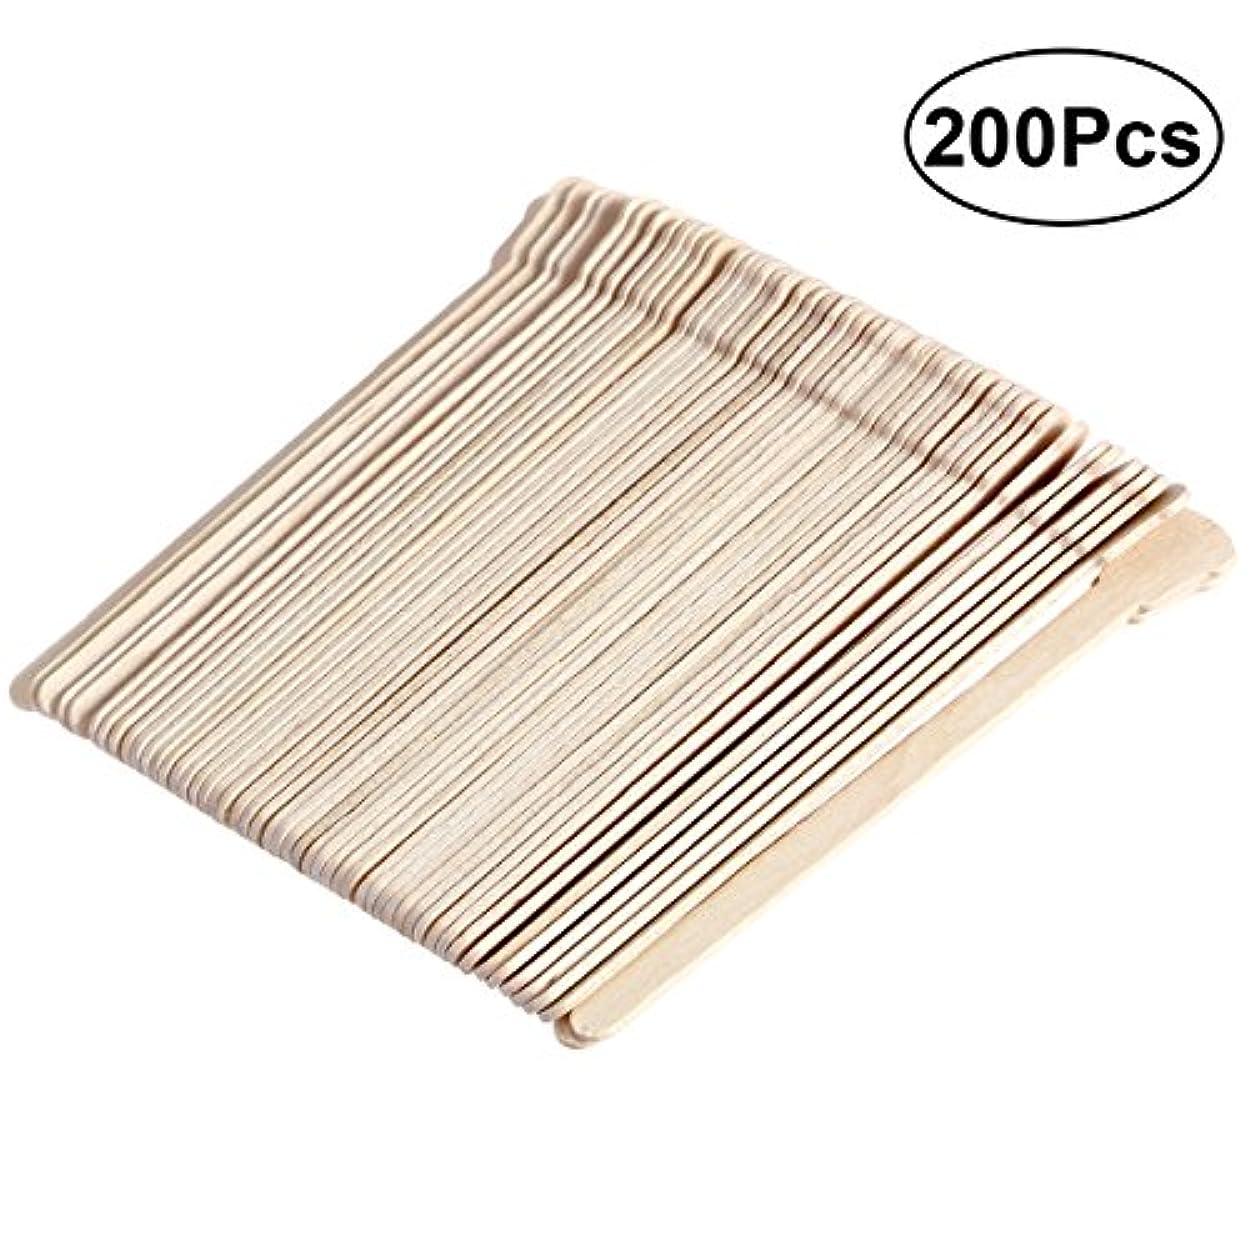 リッチフィット情報SUPVOX 200ピース木製ワックススティックフェイス眉毛ワックスへら脱毛(オリジナル木製色)